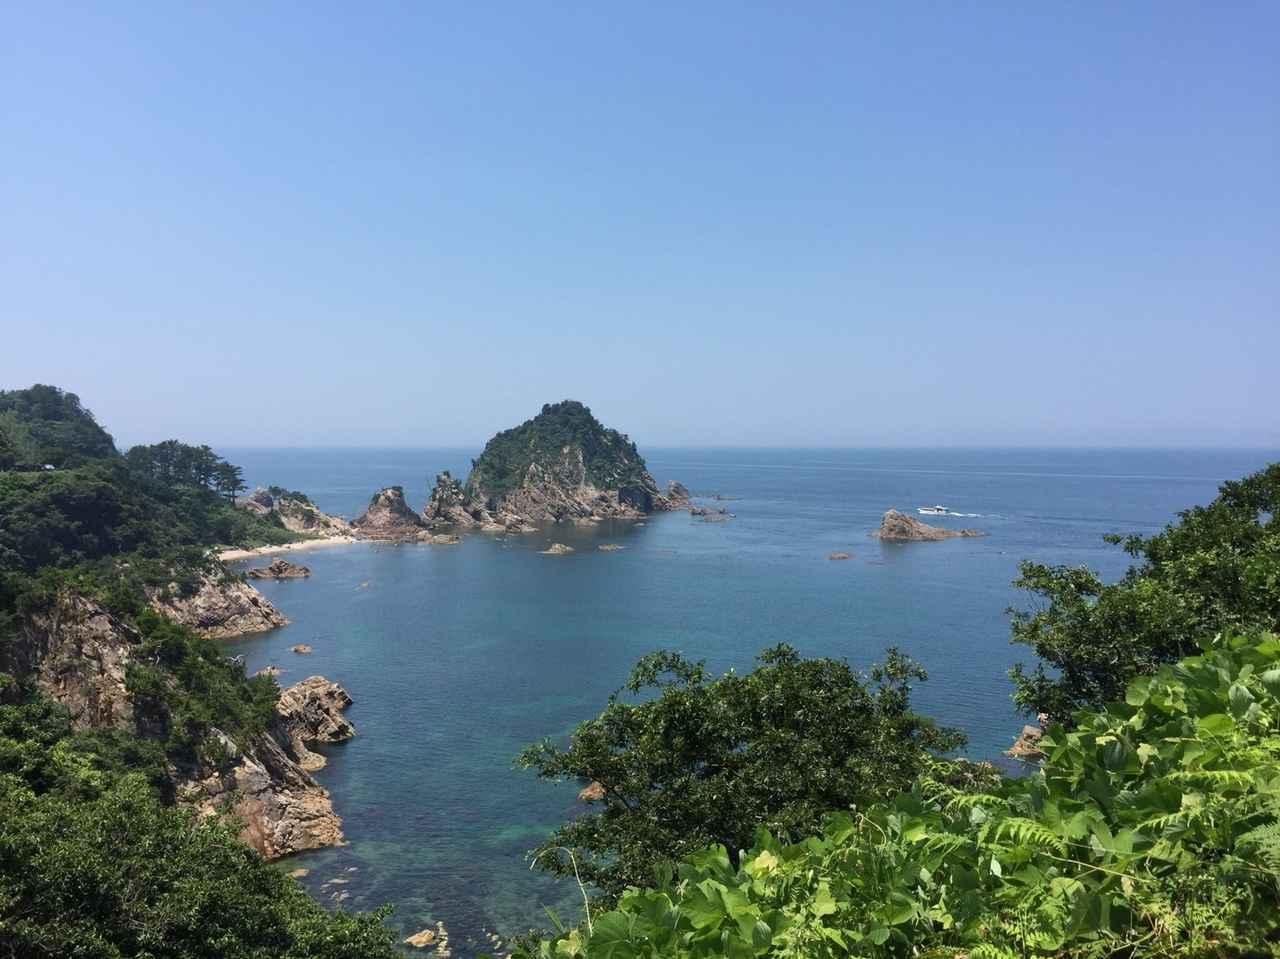 画像1: 【国内旅行・地域47ヨンナナの旅】「山陰の松島」浦富海岸クルーズと鳥取砂丘イベント 7/14・15開催 192名のお客様がご参加されました